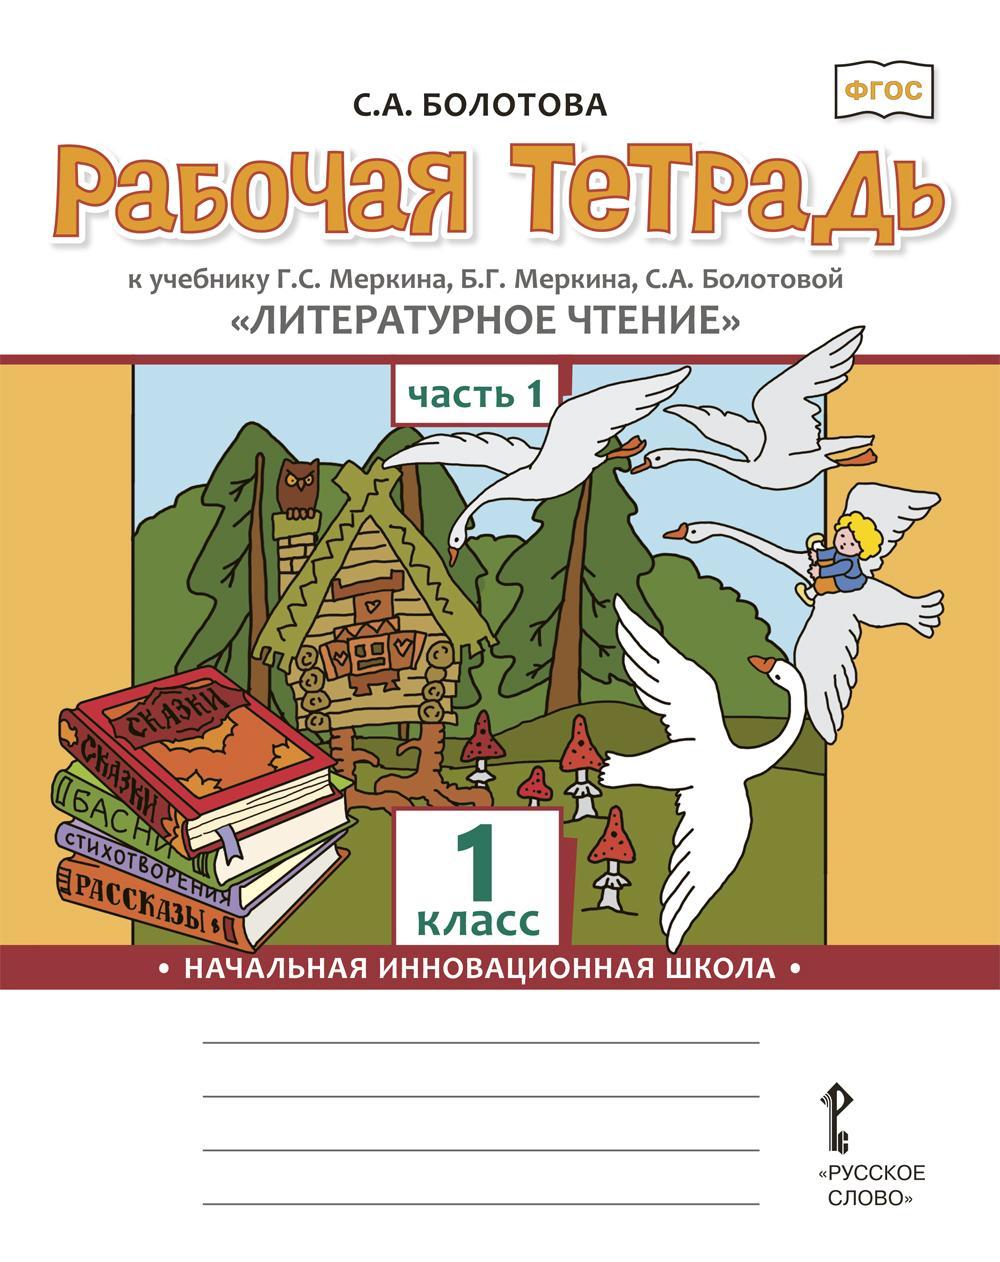 Literaturnoe chtenie. 1 klass. V 2 chastjakh. Chast 1. Rabochaja tetrad k uchebniku G.S. Merkina, B.G. Merkina, S.A. Bolotovoj